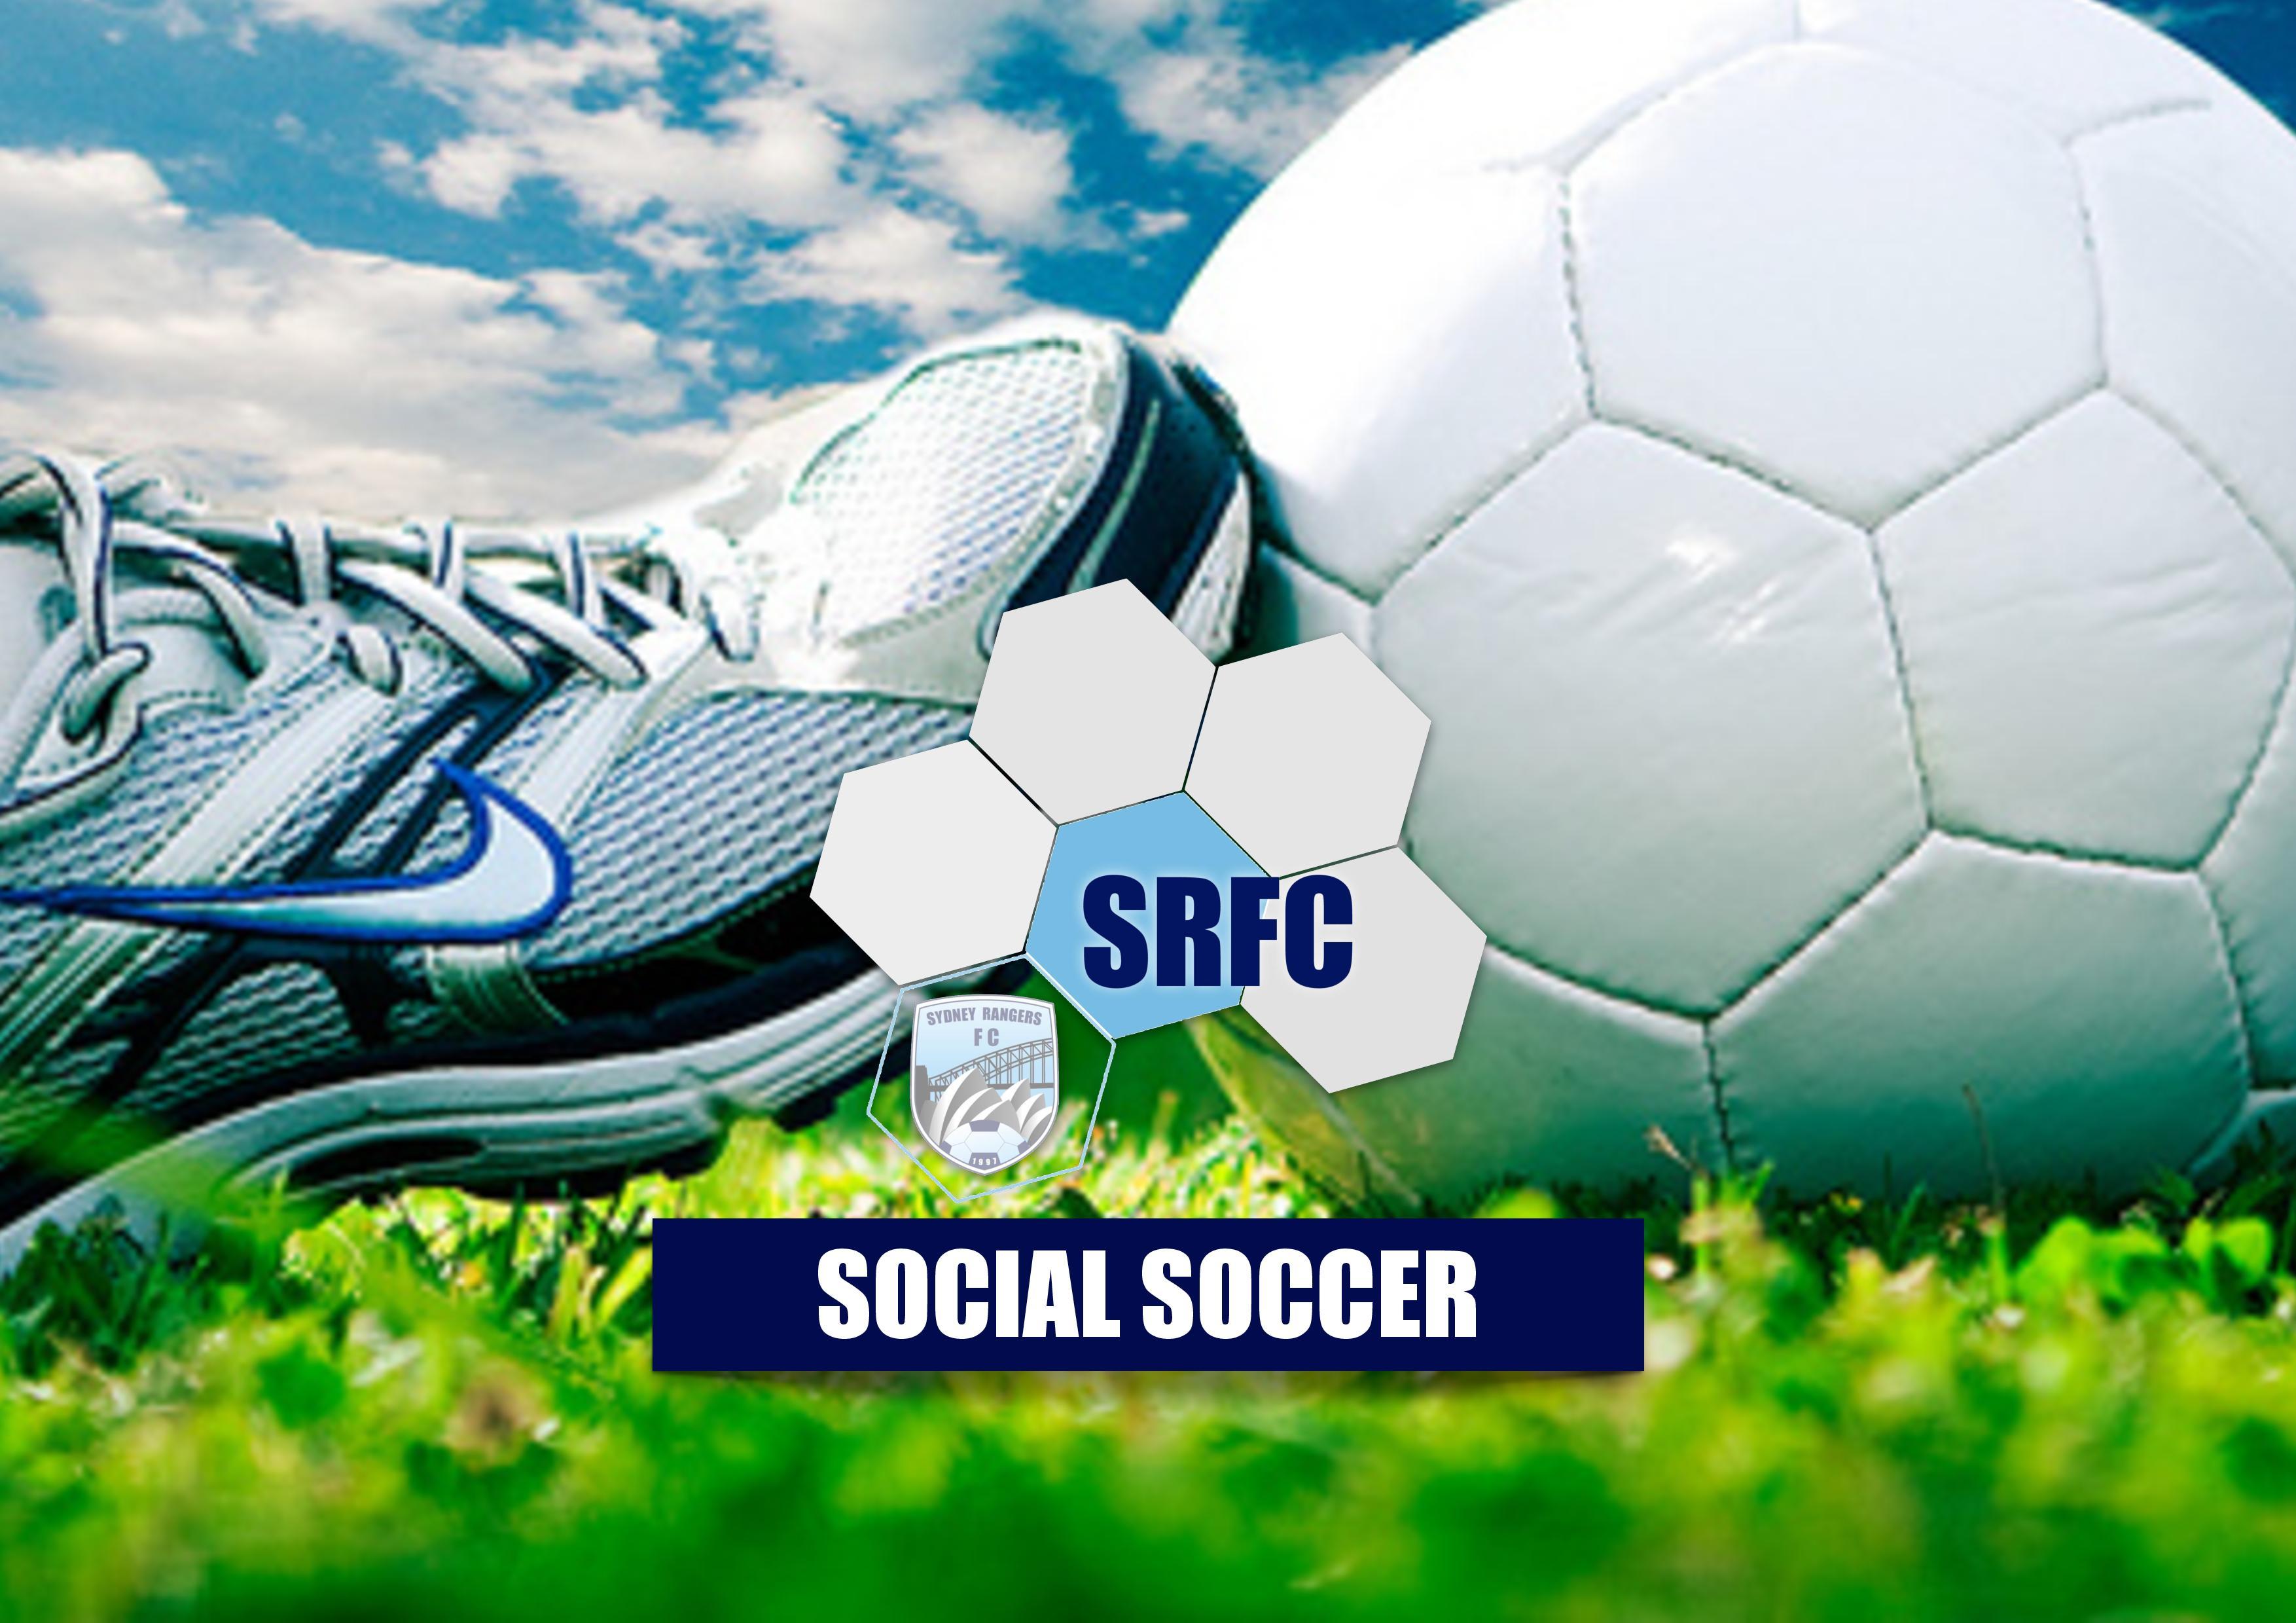 Social Soccerv2-page-001.jpg